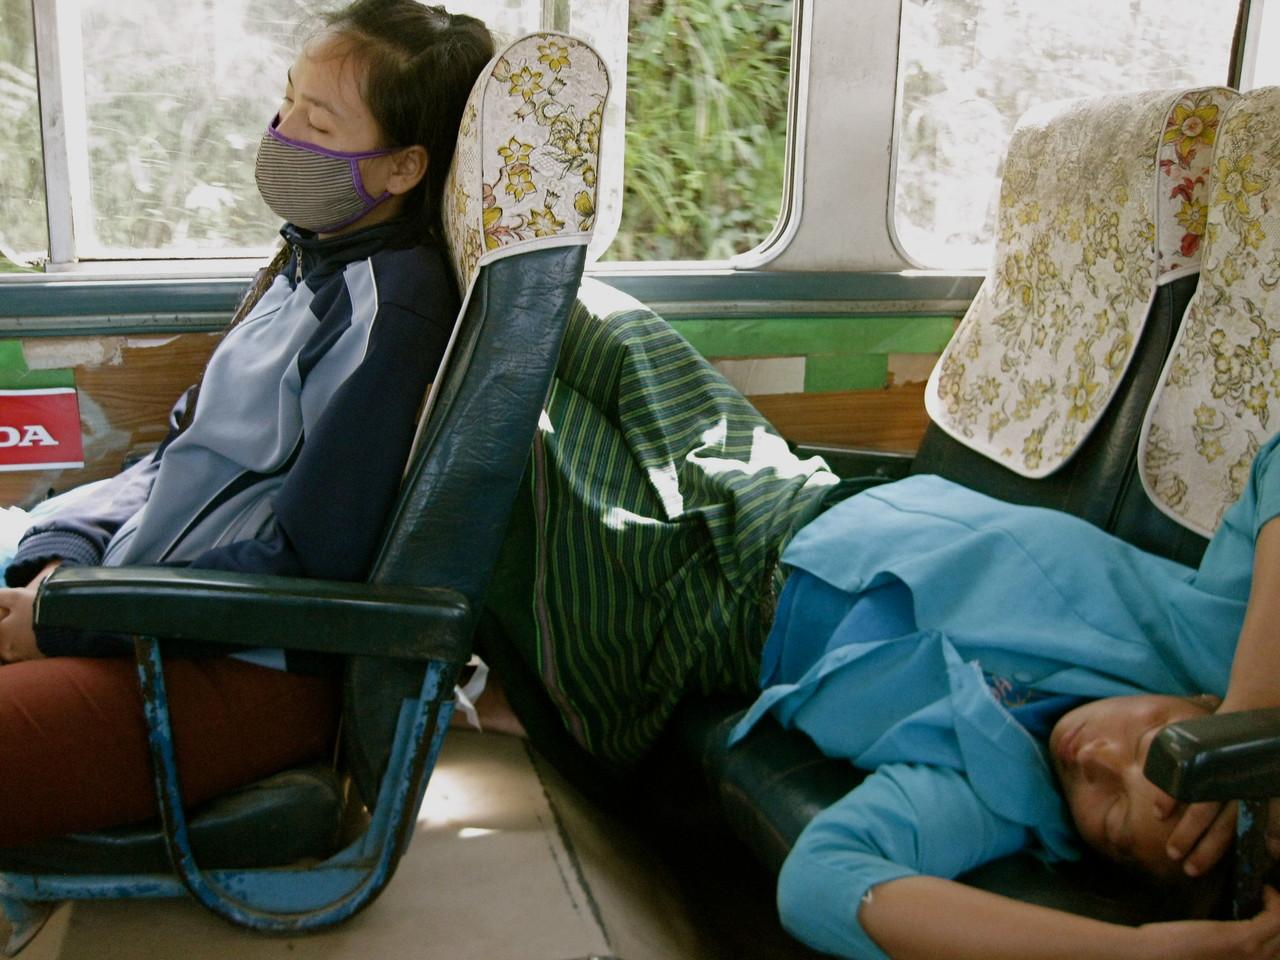 ルアンプラバーン行きのバスの中。爆睡中の女性たち